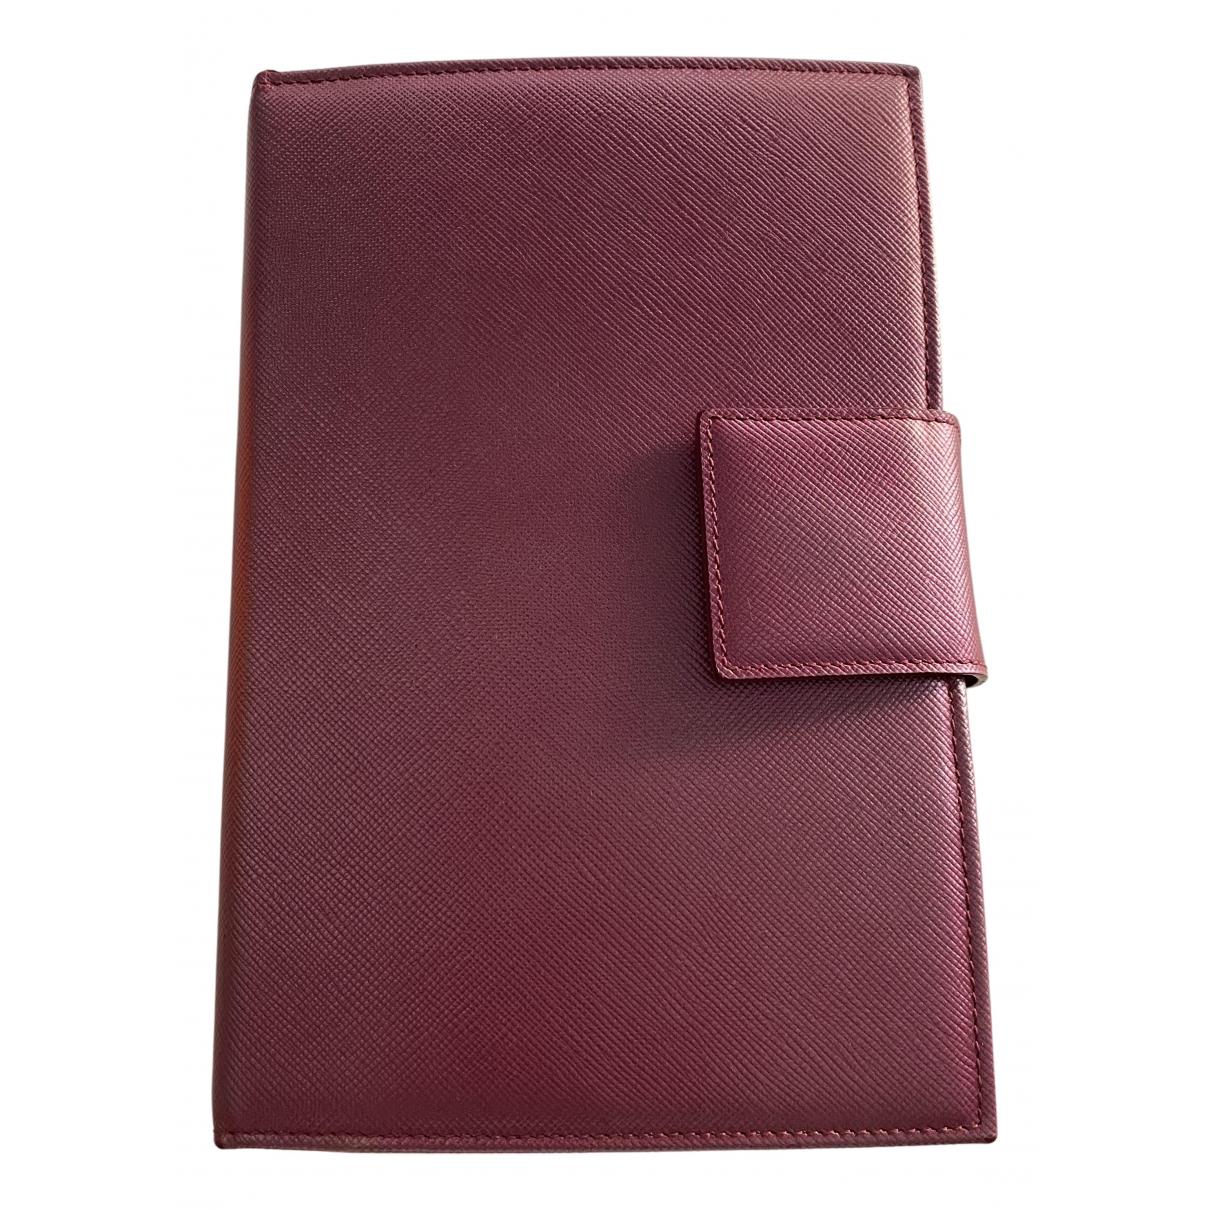 Prada - Objets & Deco   pour lifestyle en cuir - rose